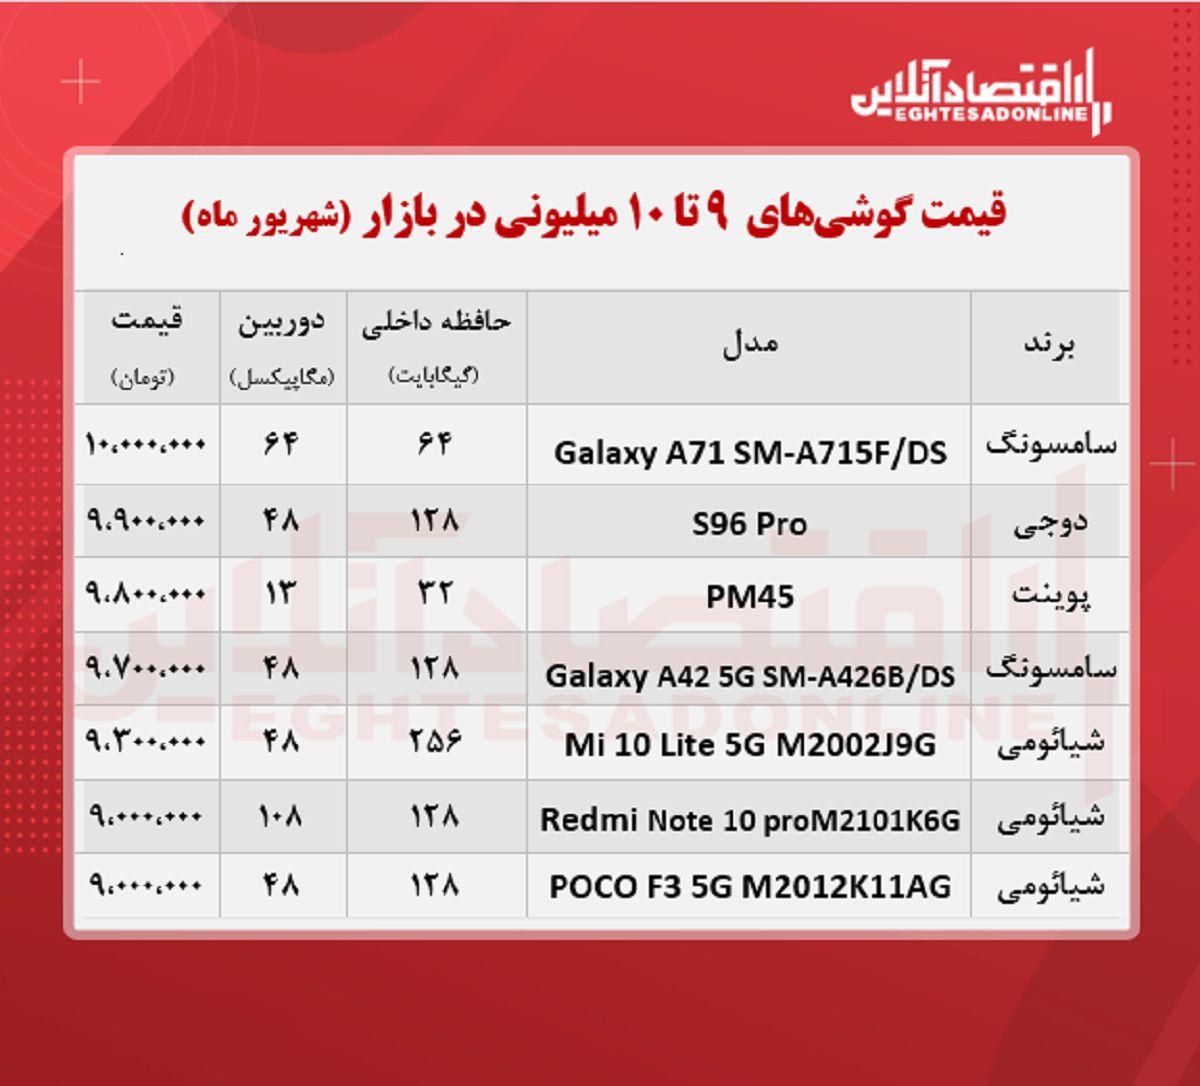 قیمت گوشی (محدوده ۱۰ میلیون تومان)